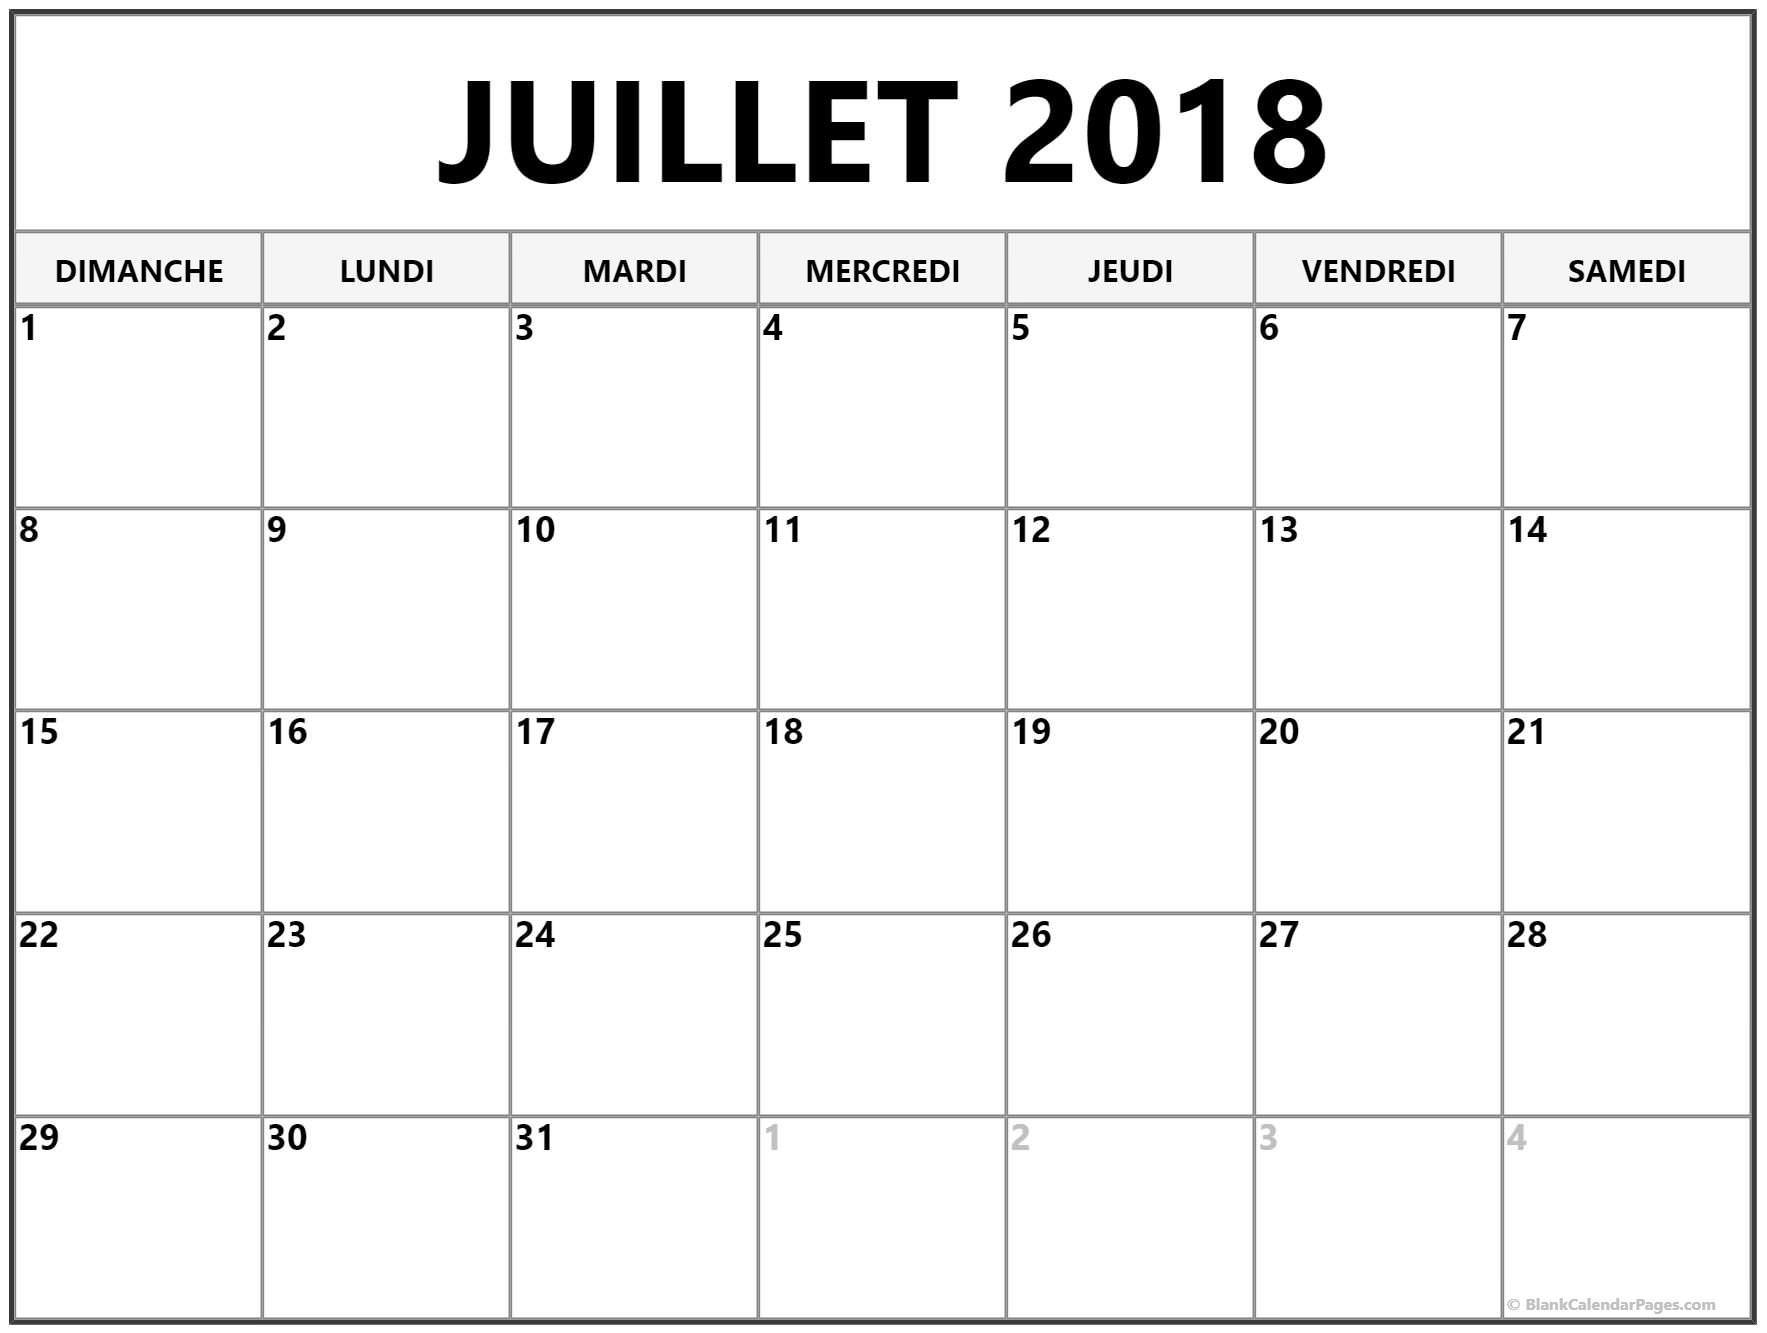 juillet 2018 calendrier imprimable gratuit calendrier imprimable pinterest calendrier. Black Bedroom Furniture Sets. Home Design Ideas